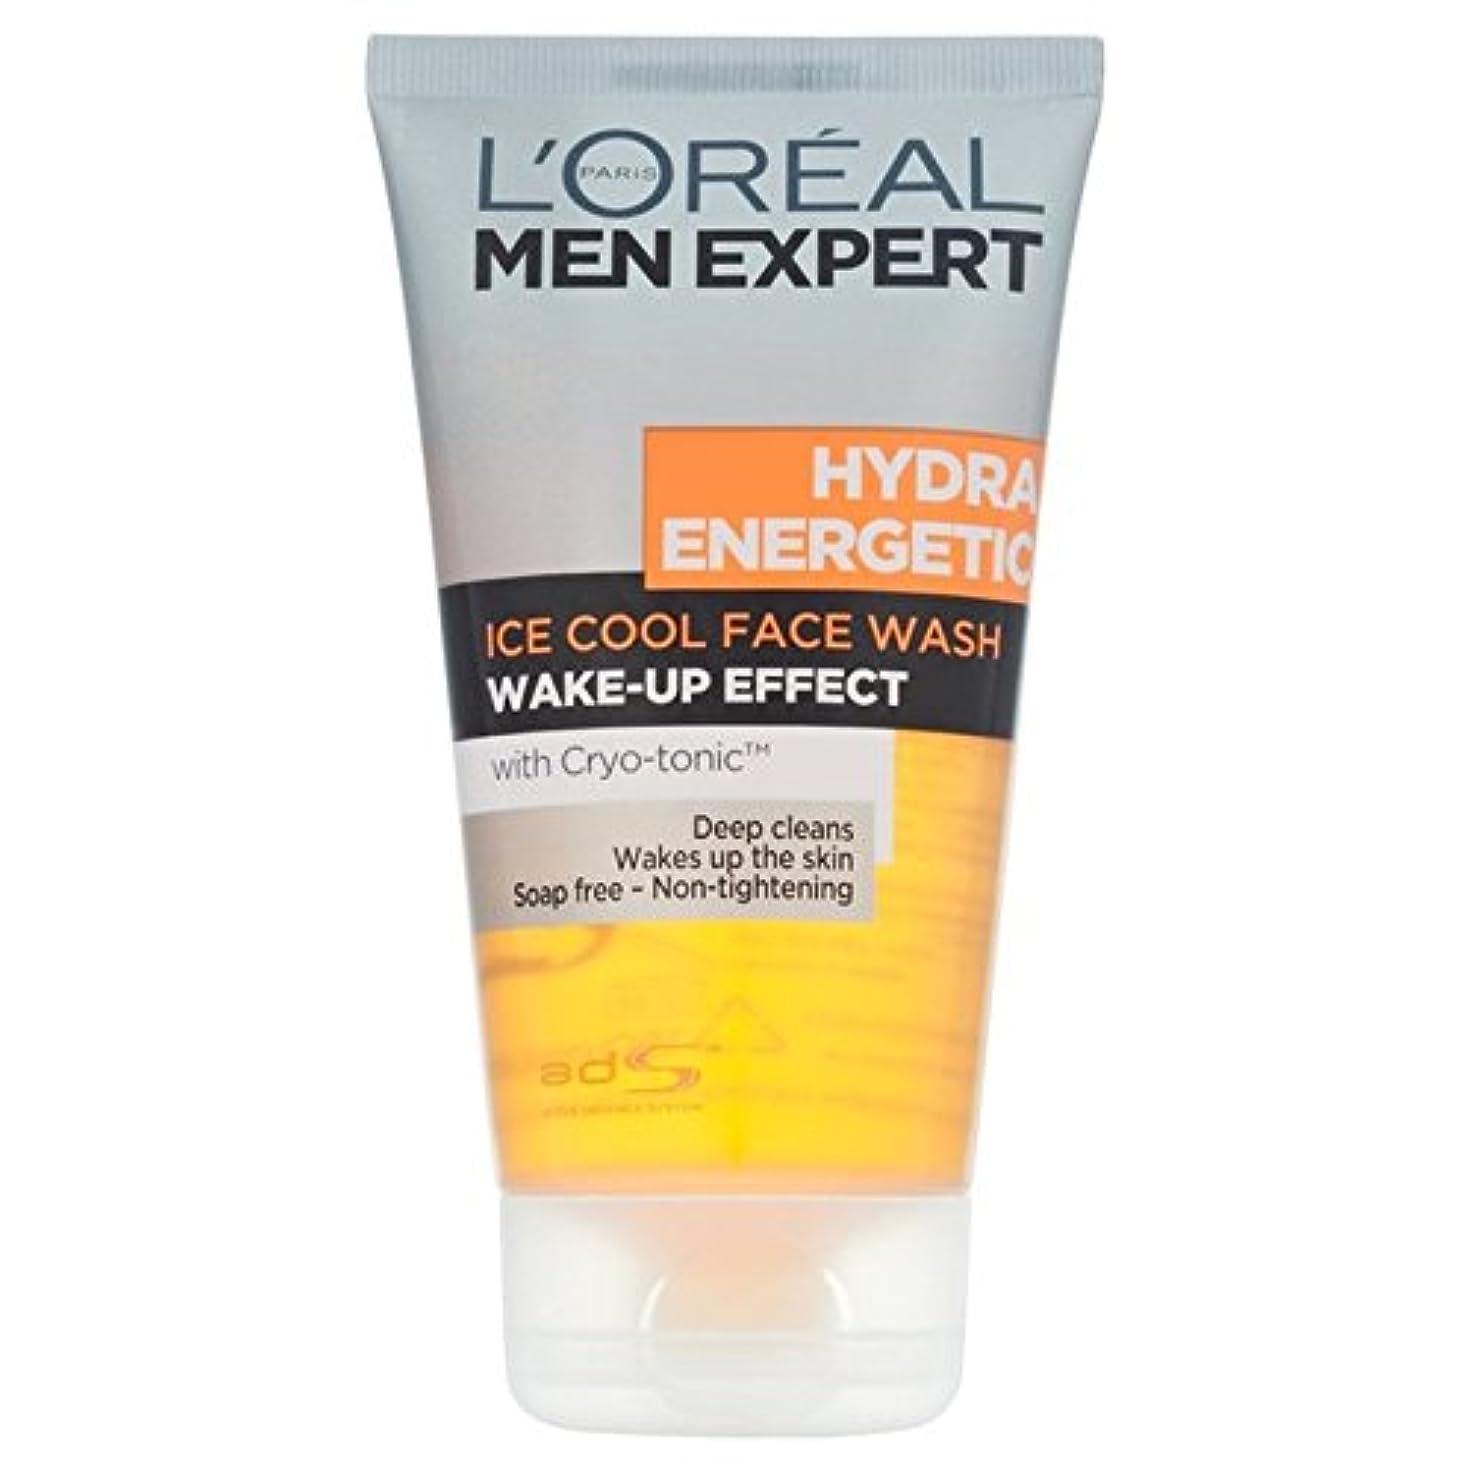 費やすパンツステーキL'Oreal Men Expert Hydra Energetic Foaming Cleansing Gel 150ml - ロレアルの男性の専門家ヒドラエネルギッシュな発泡クレンジングジェル150 [並行輸入品]